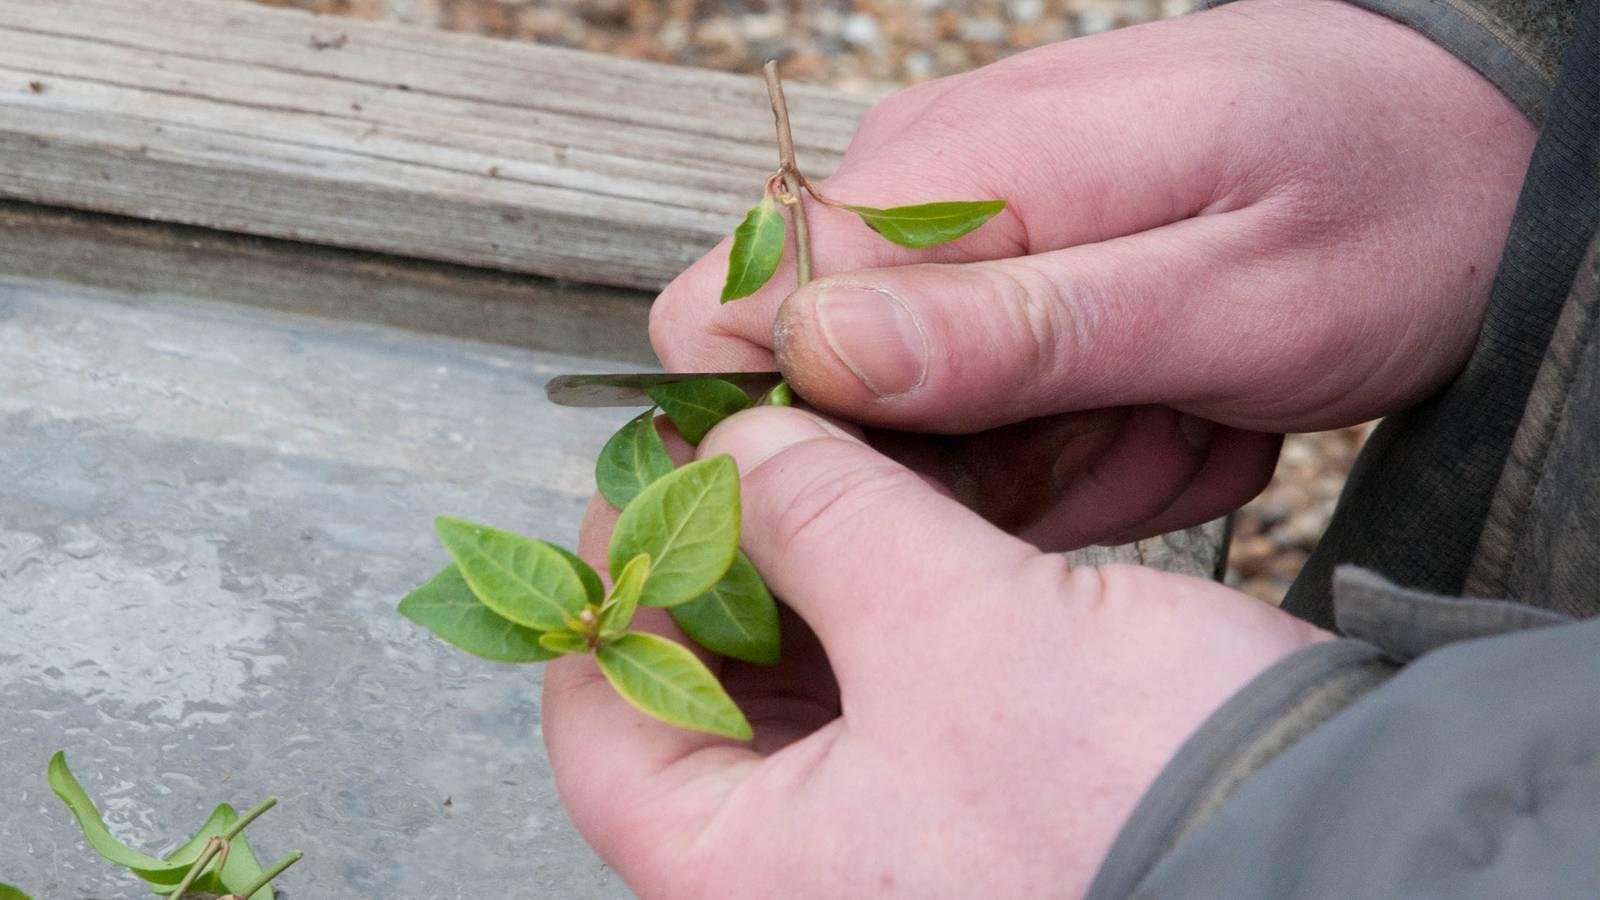 Барвинок (49 фото): что это за растение? посадка и уход в открытом грунте, выращивание на урале, описание сортов и видов с названиями